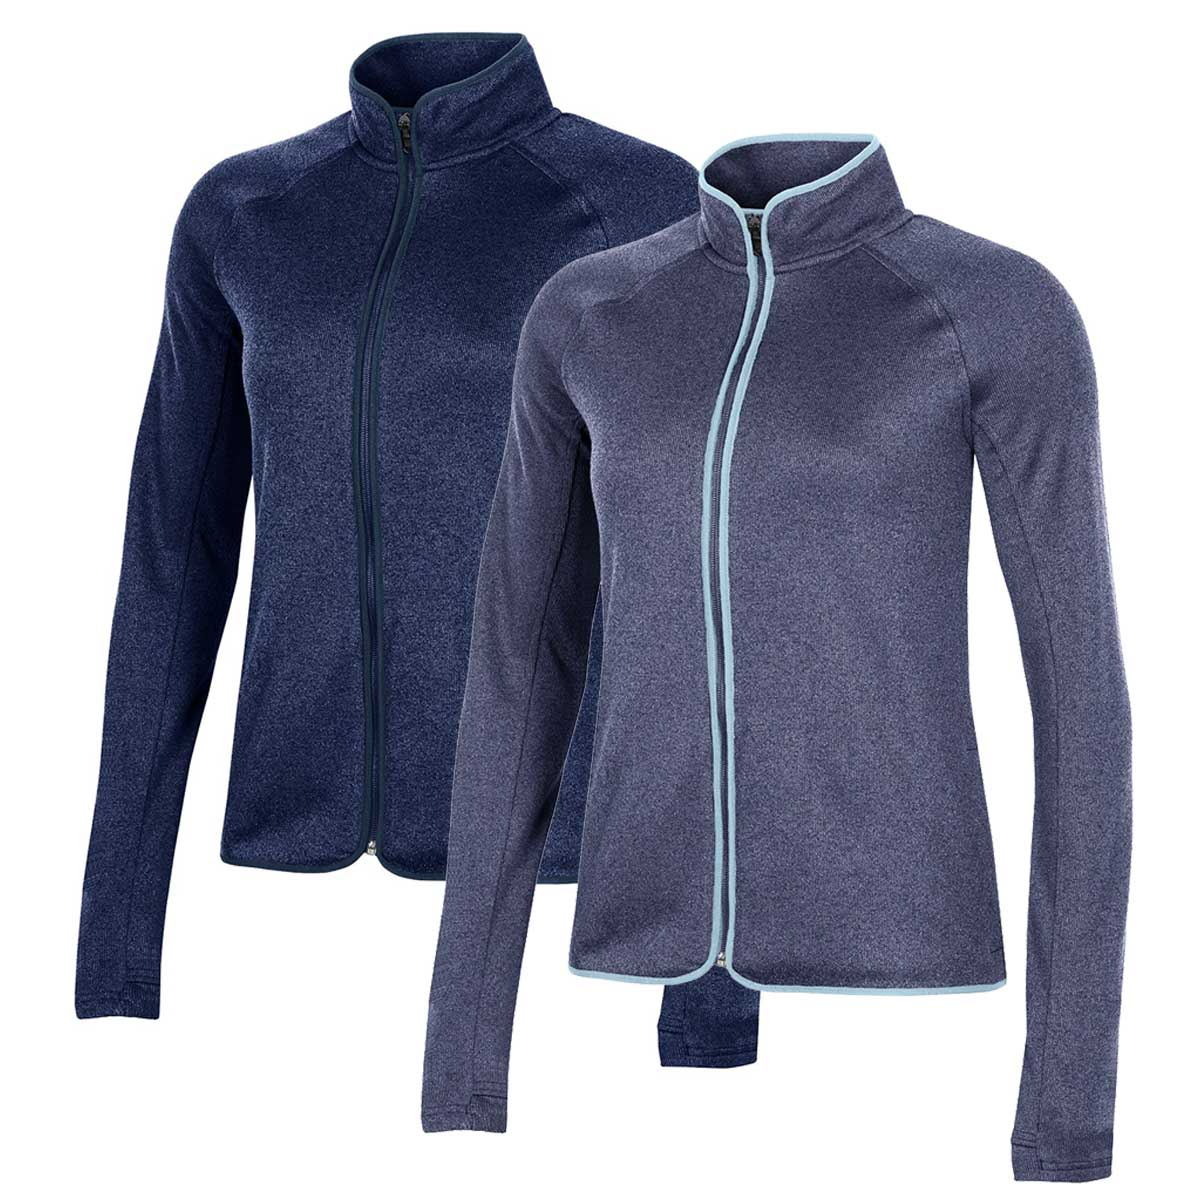 Under Armour Women's Storm Sweater Fleece Full Zip